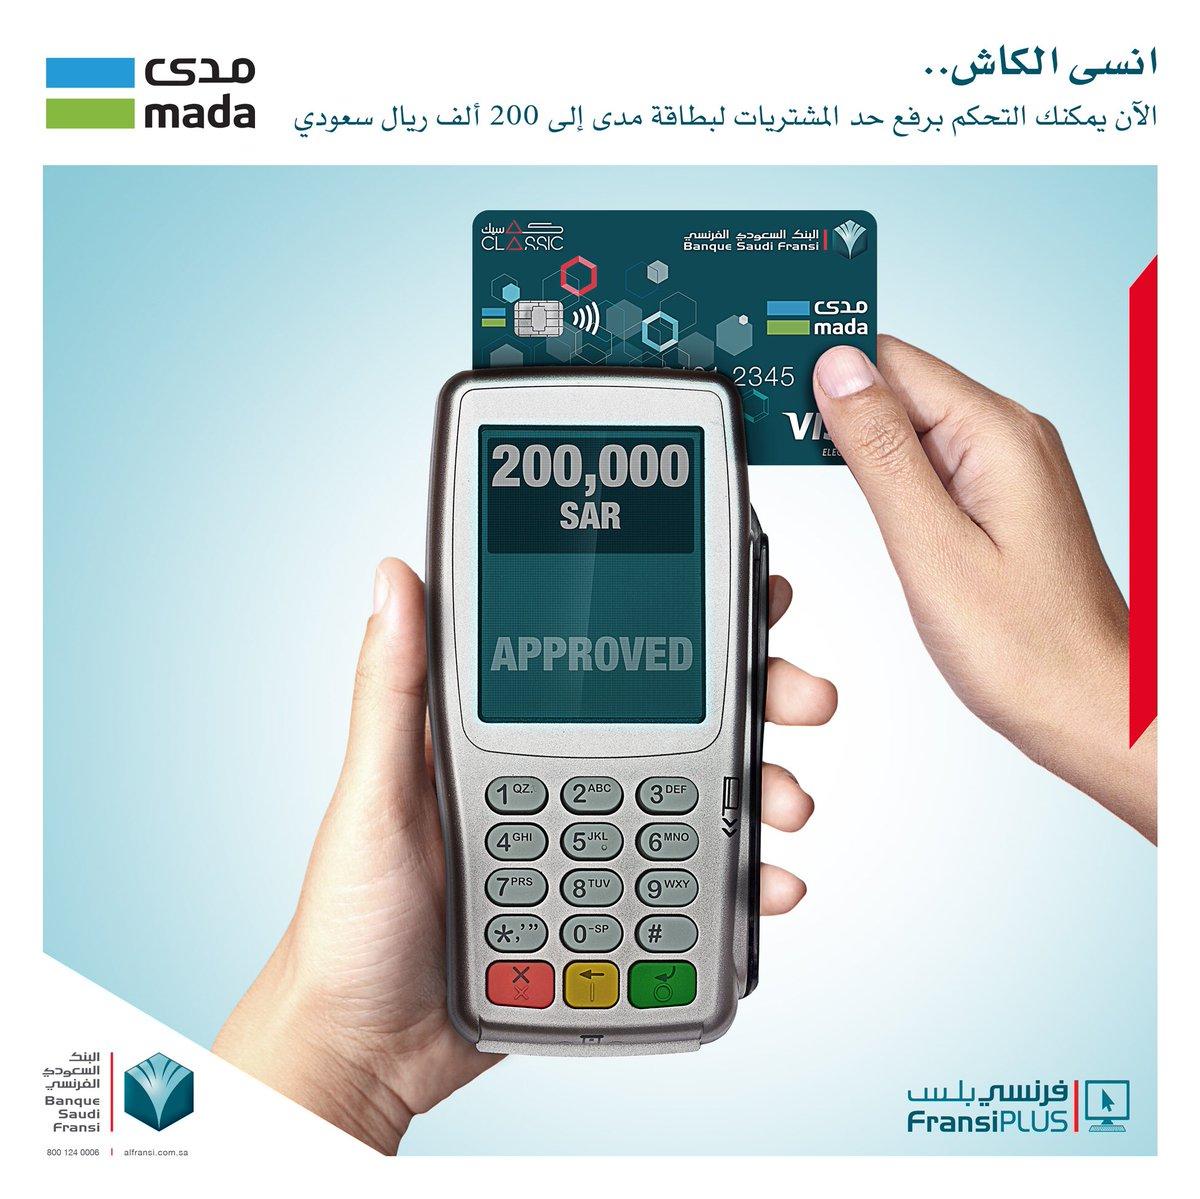 البنك السعودي الفرنسي Tren Twitter يمكنك الآن التحكم برفع الحد اليومي لمشترياتك عبر نقاط البيع والتسوق الإلكتروني باستخدام بطاقة مدى حتى ٢٠٠ ألف ريال عن طريق فرنسي بلس Https T Co Ni4k59x9d9